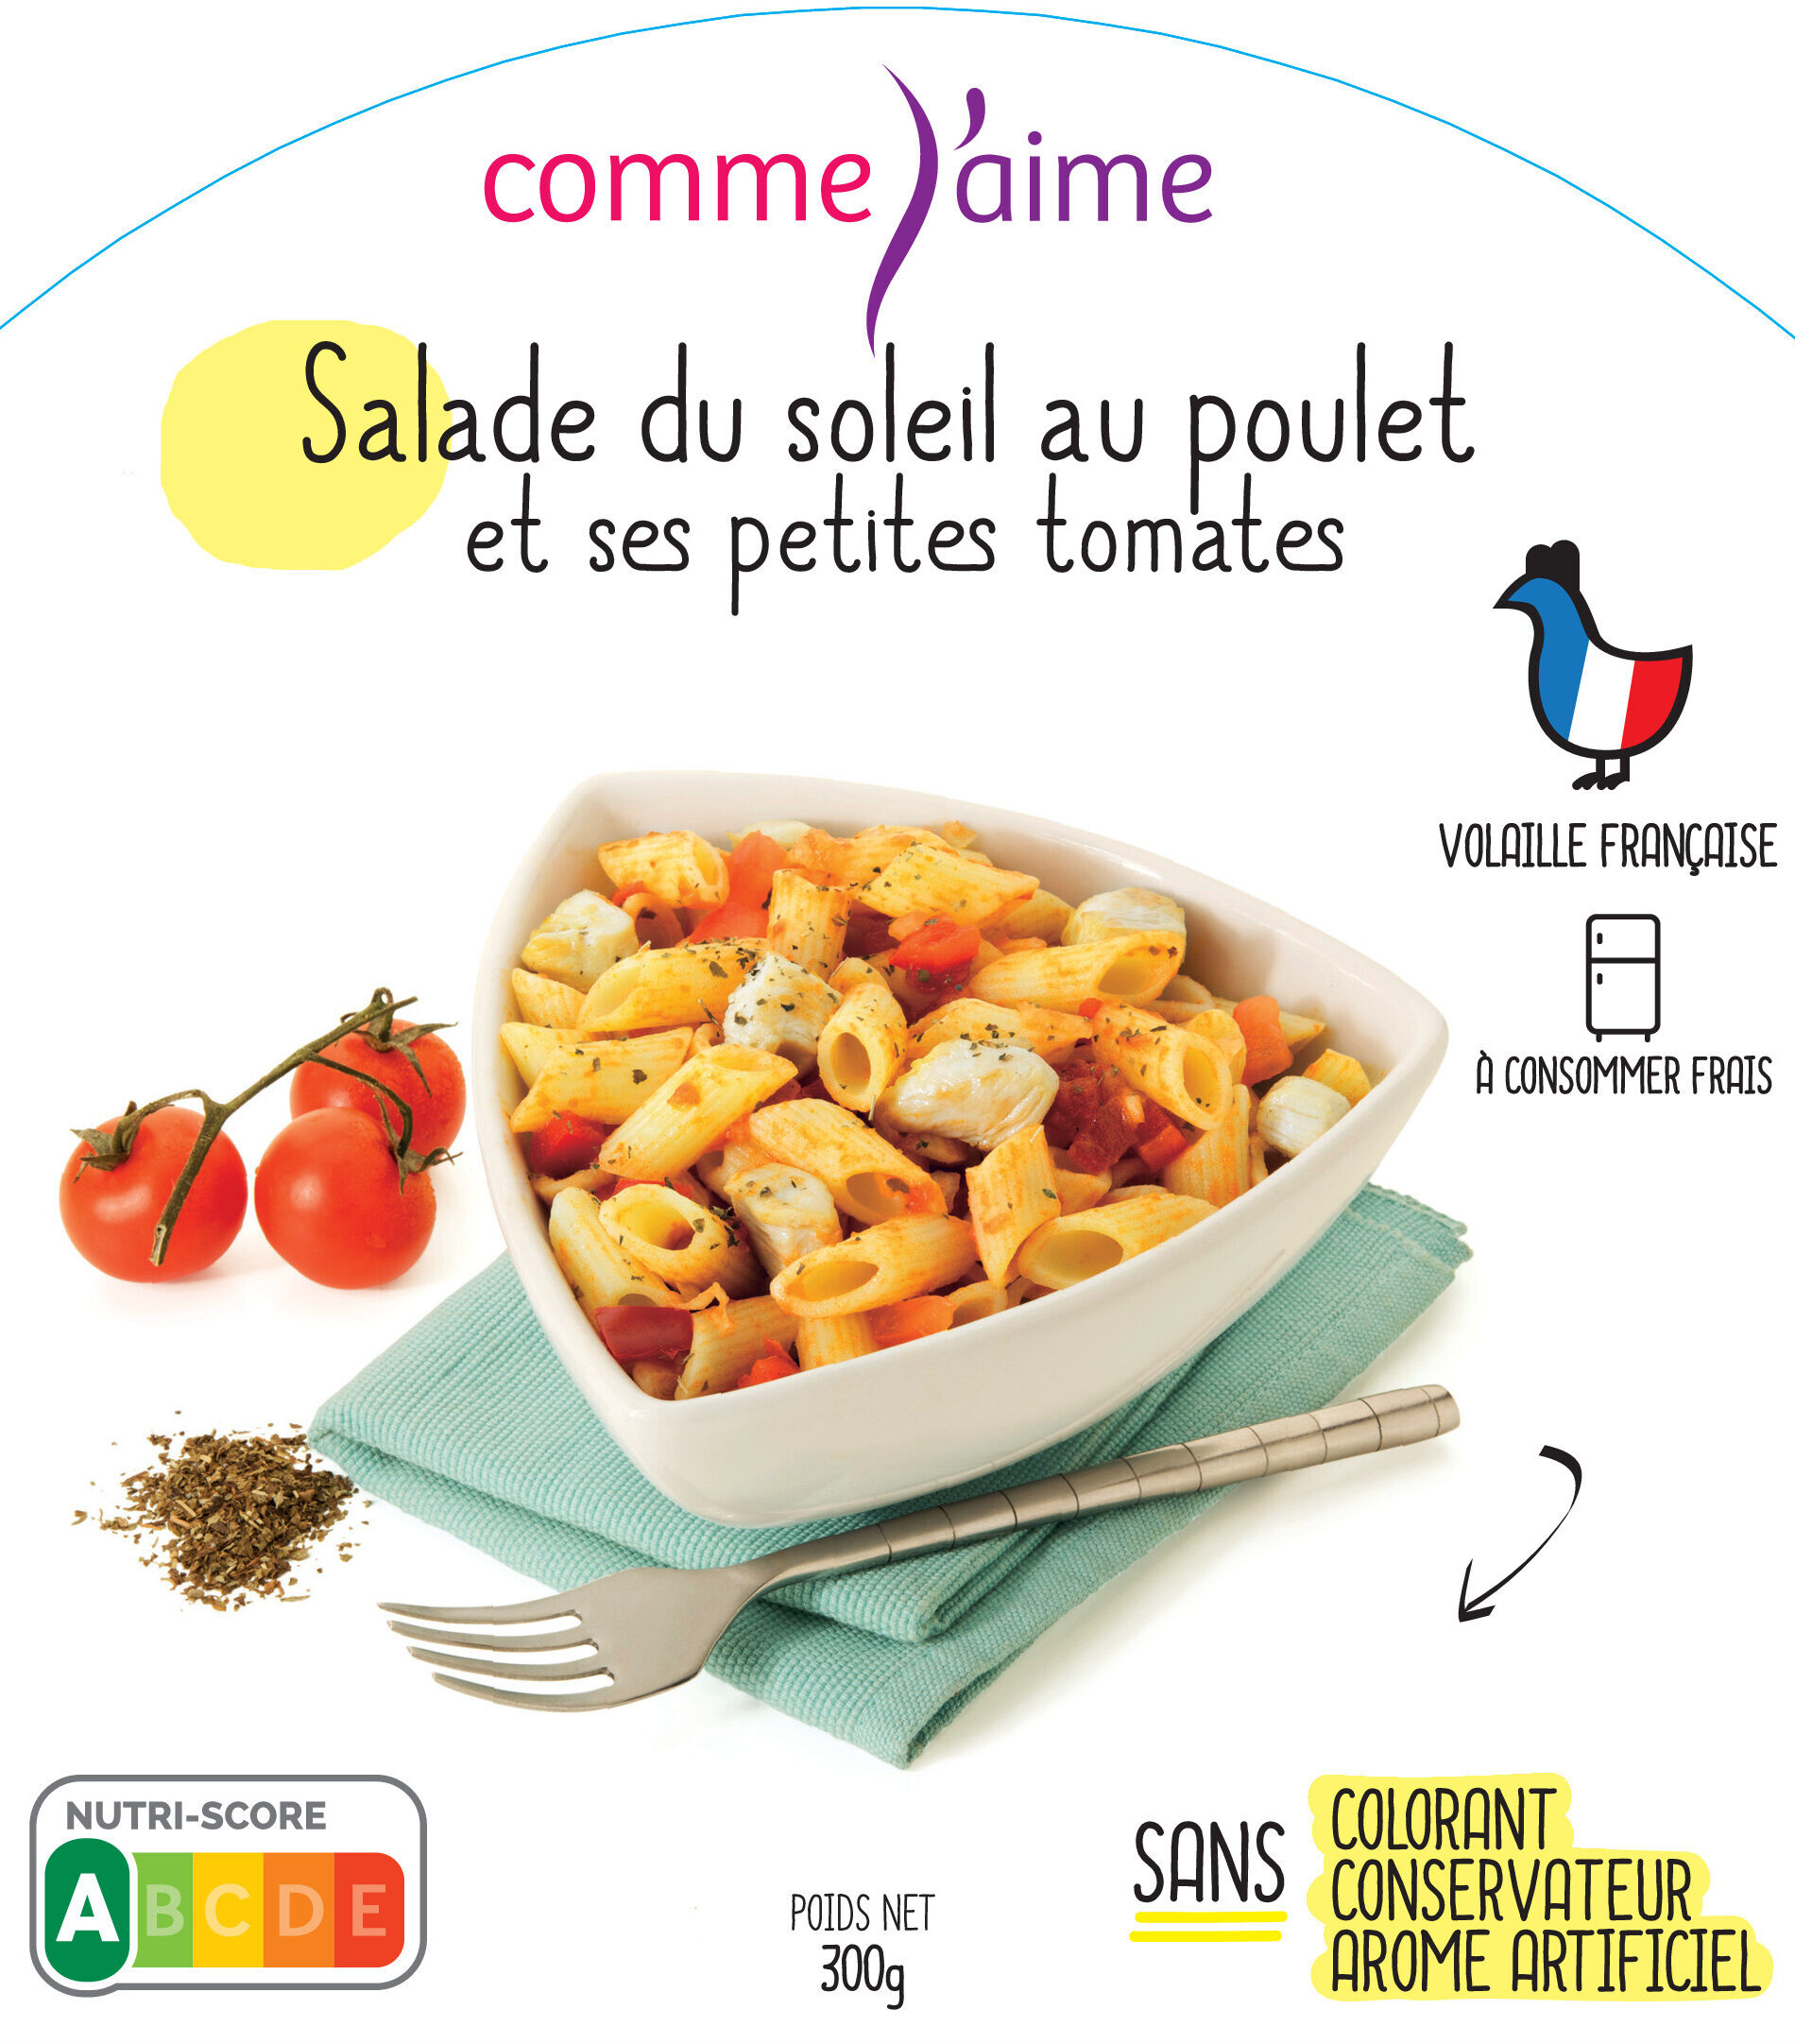 Salade du soleil au poulet et petites tomates - Product - fr